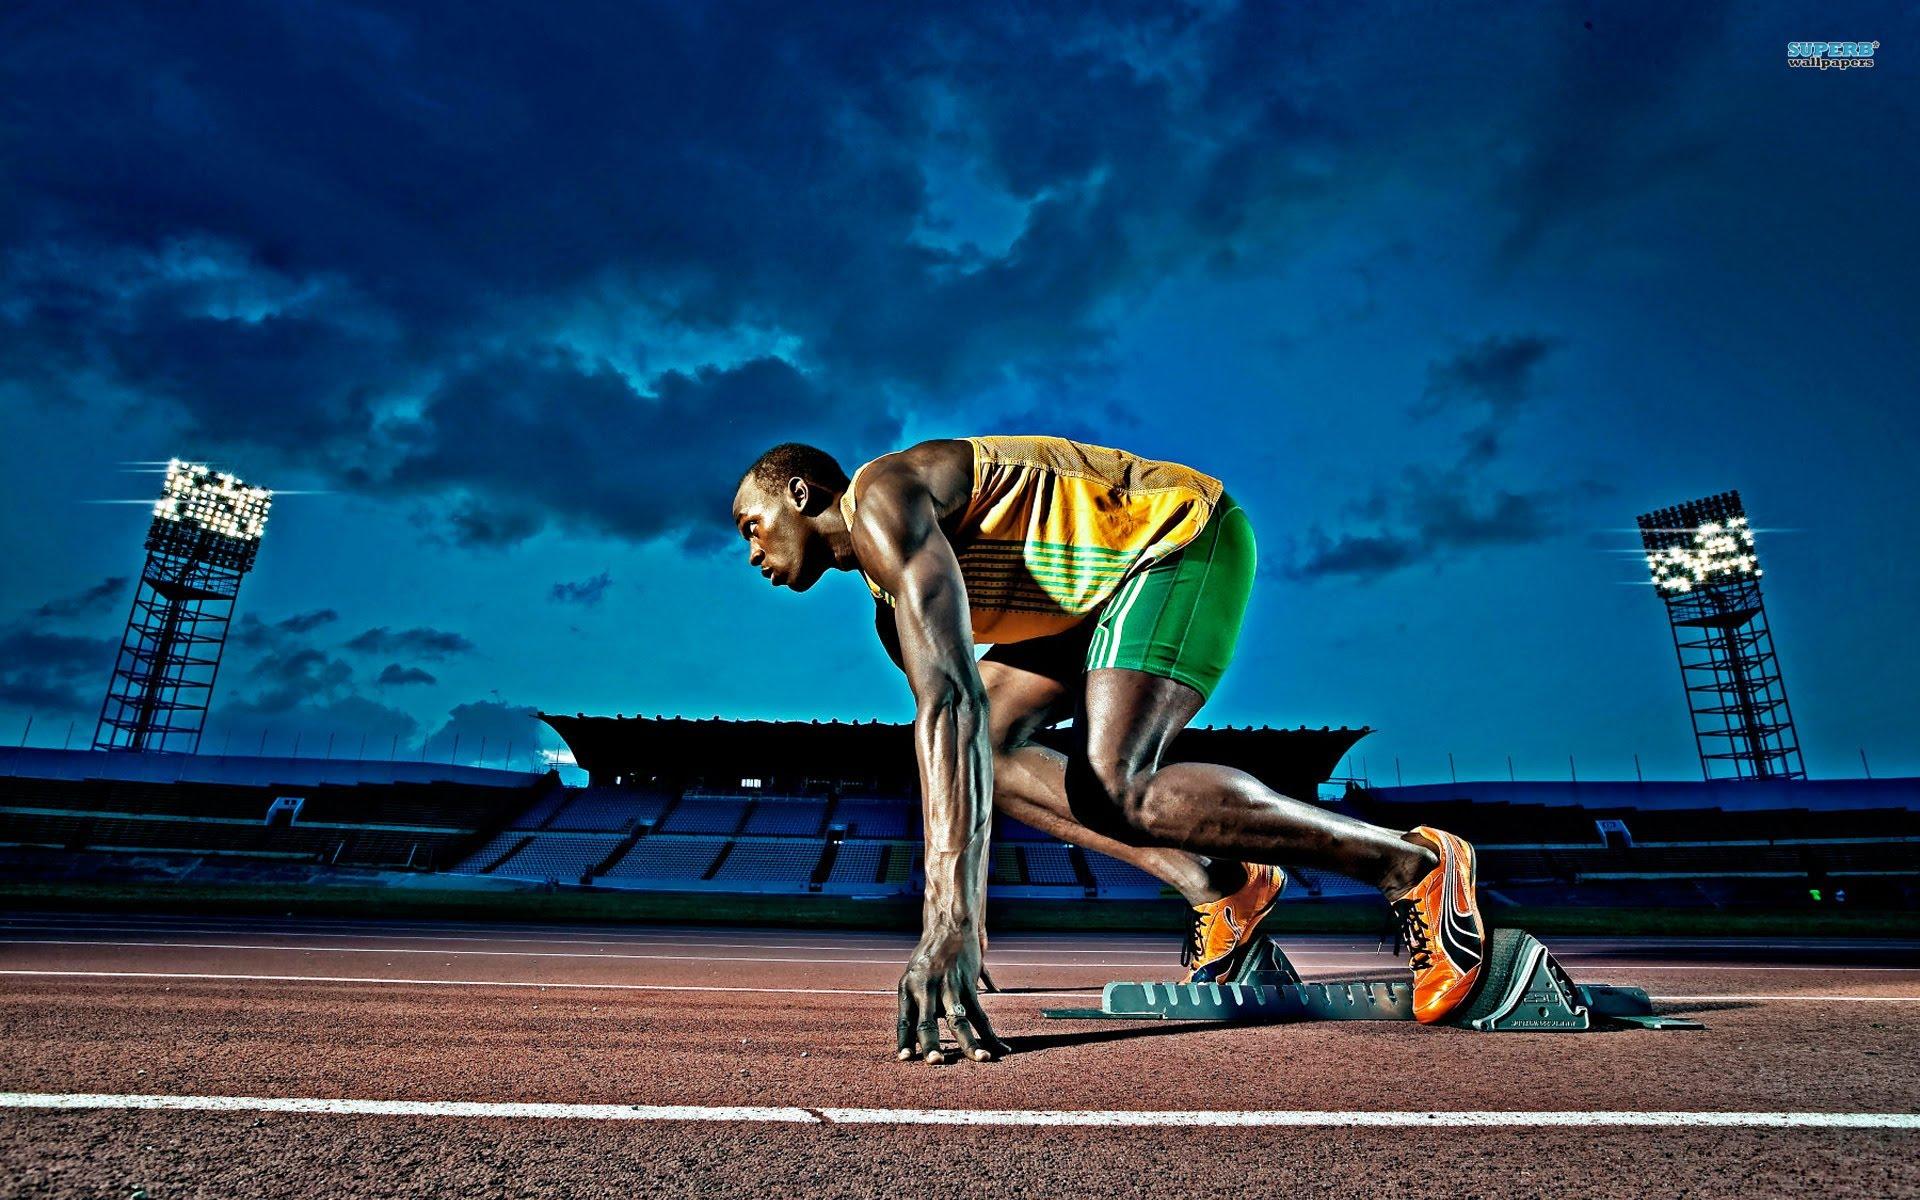 motivated_runner